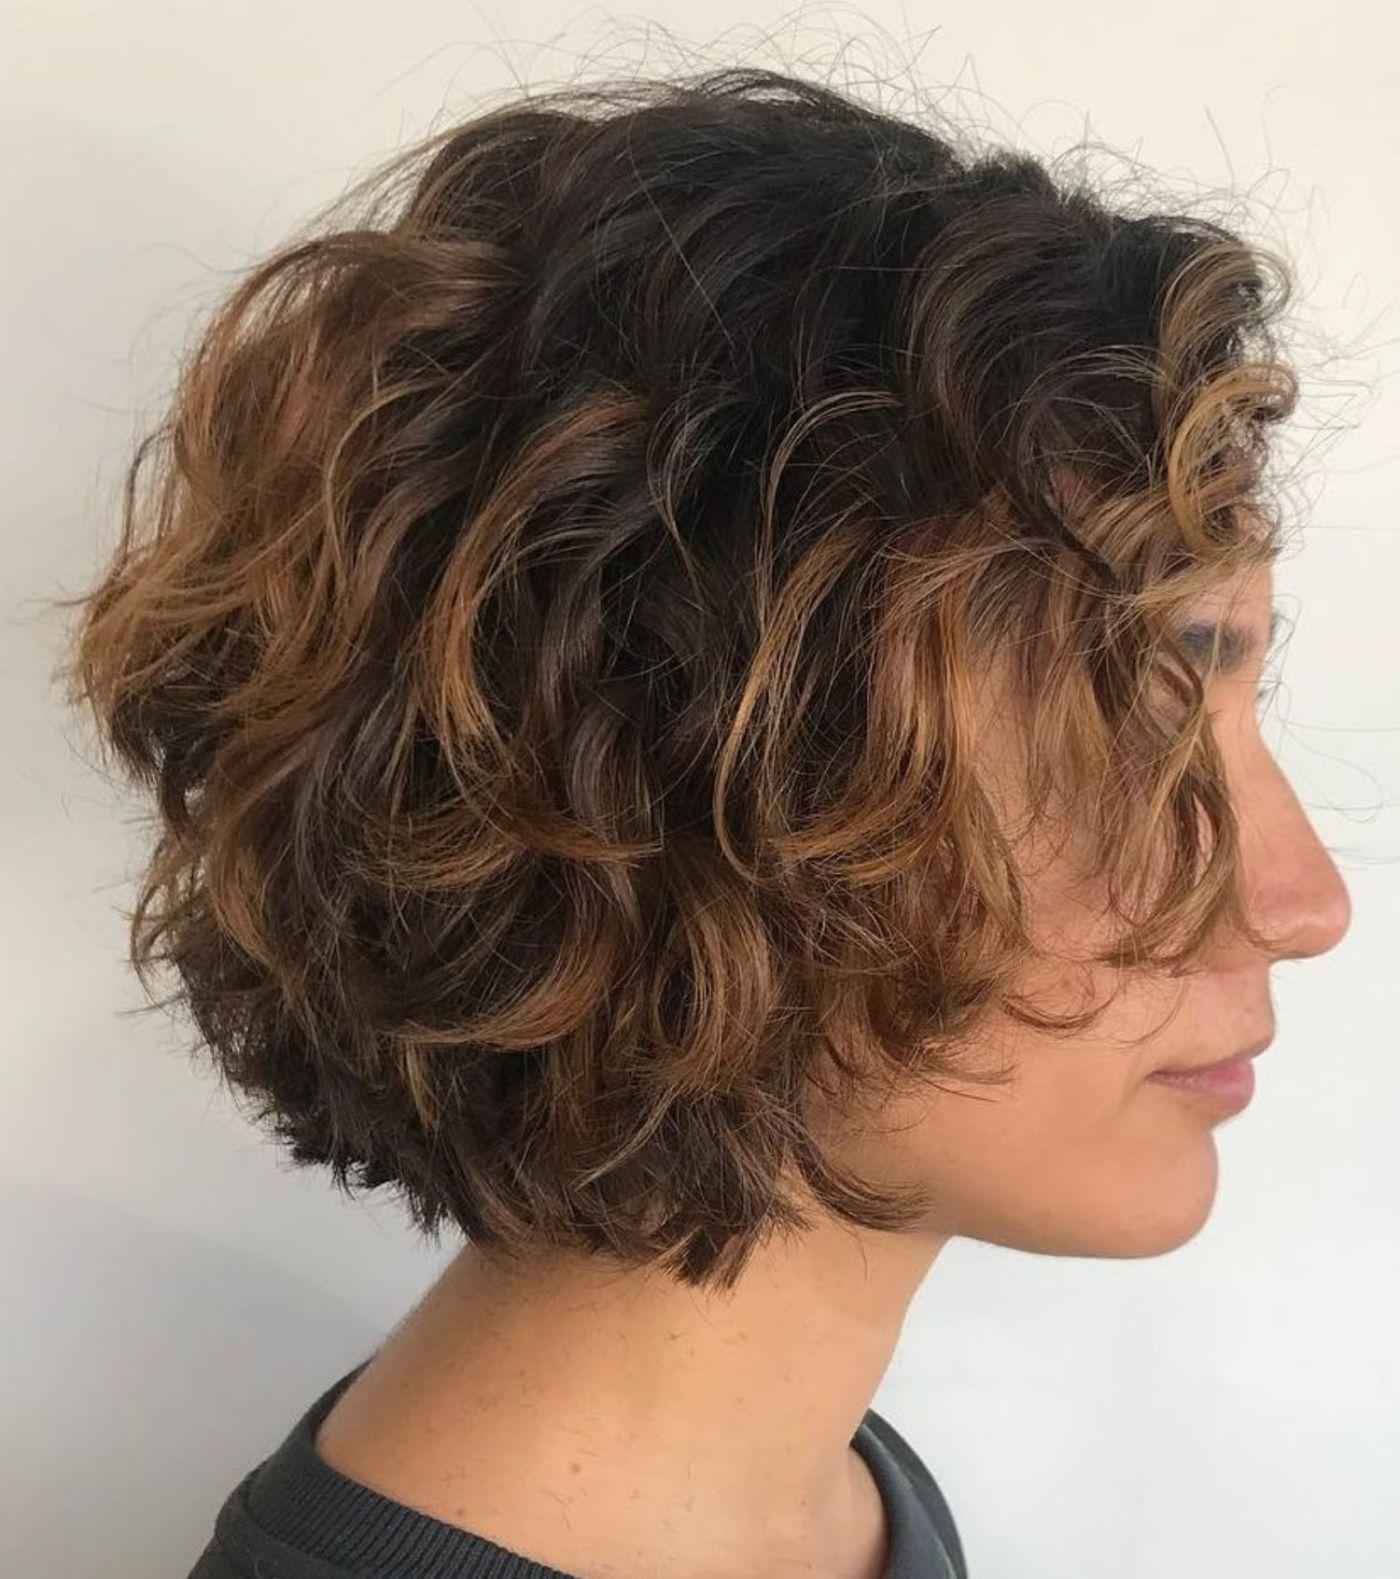 Short Textured Curly Bob Short Wavy Hair Short Layered Curly Hair Curly Hair Styles